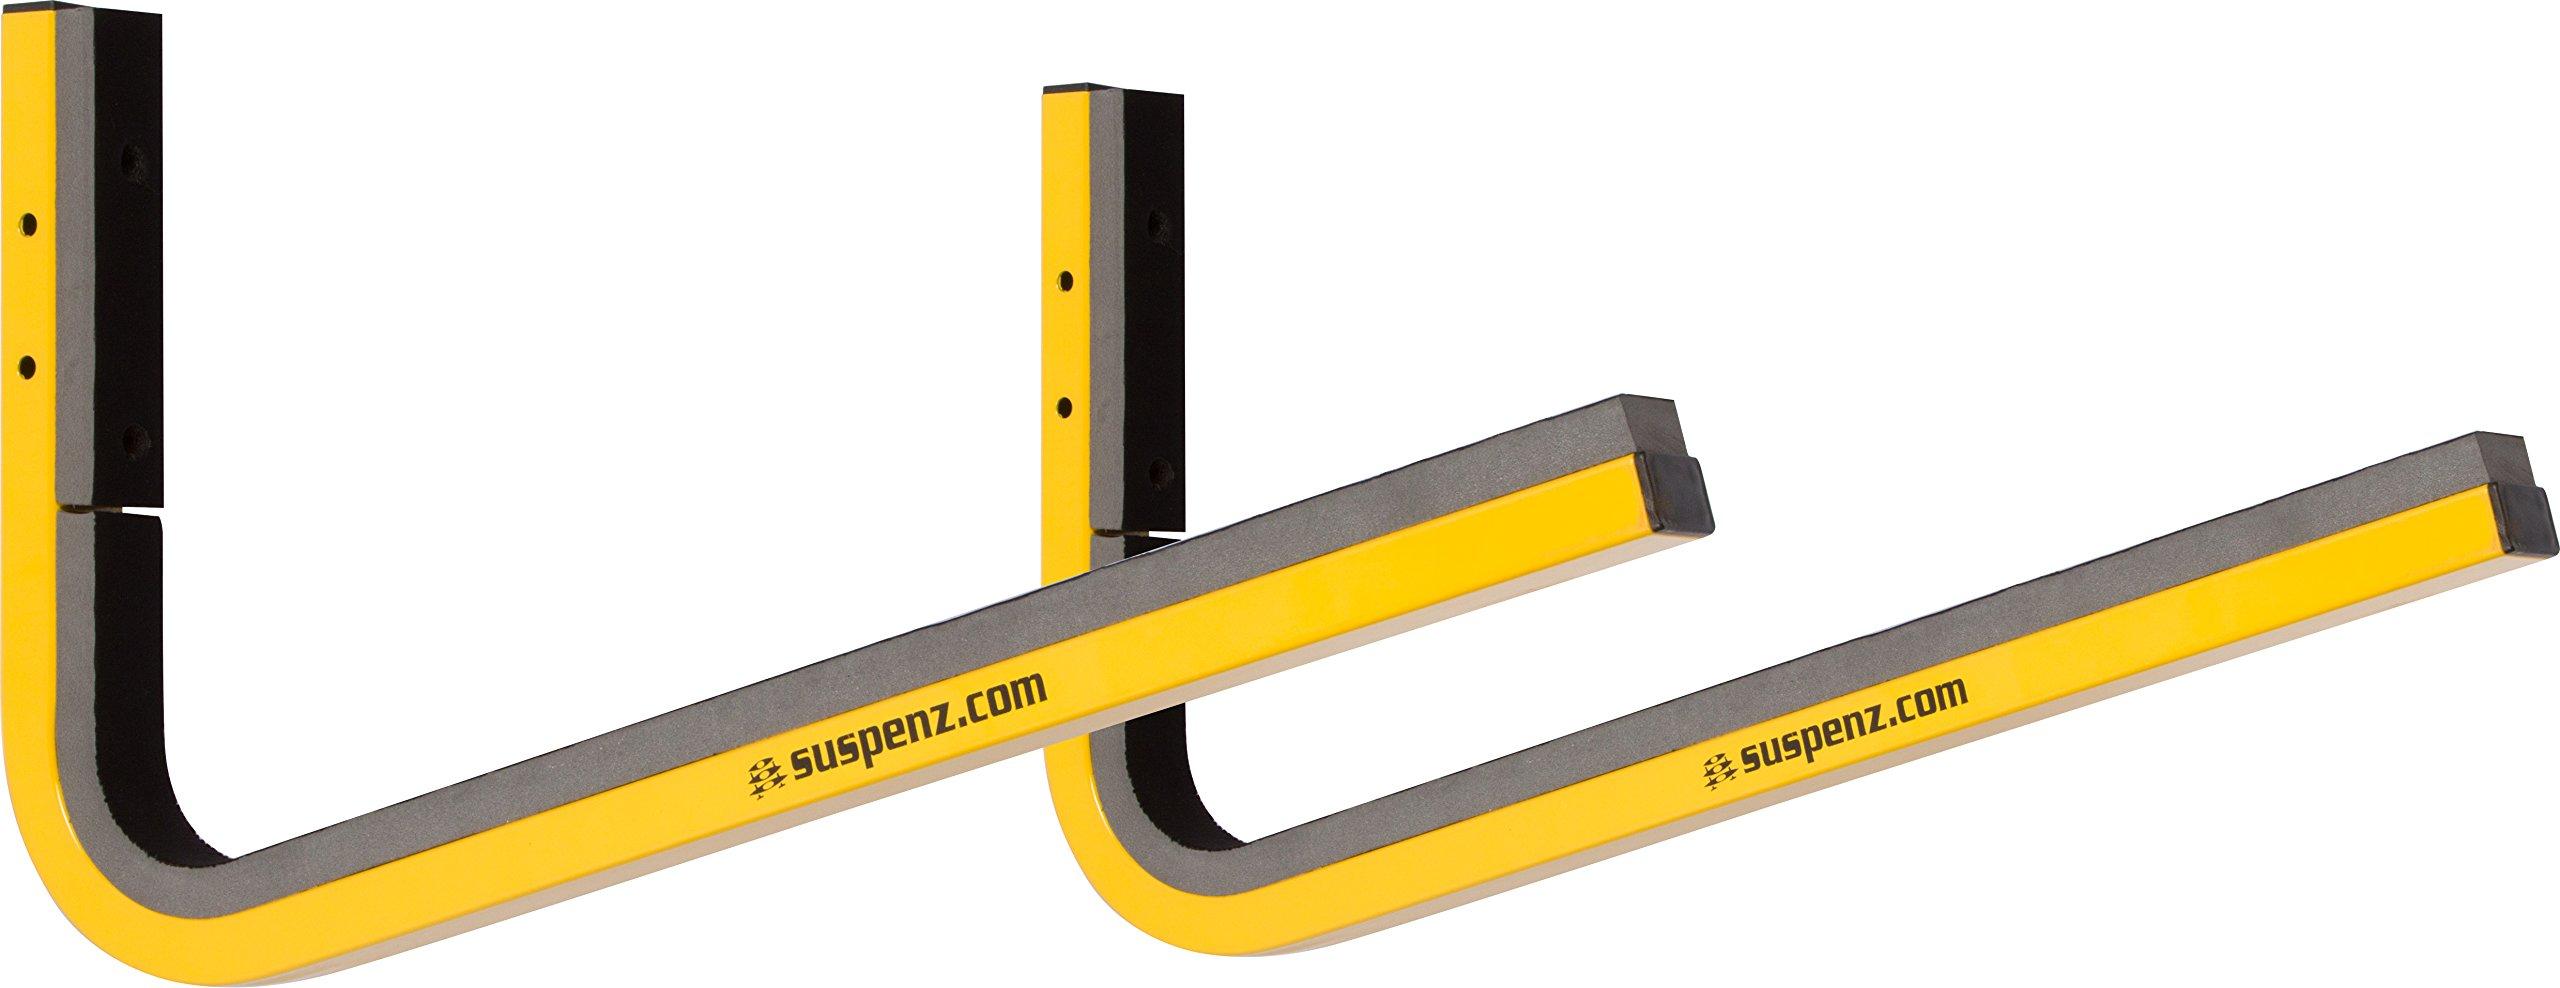 Suspenz Board Rack, Yellow